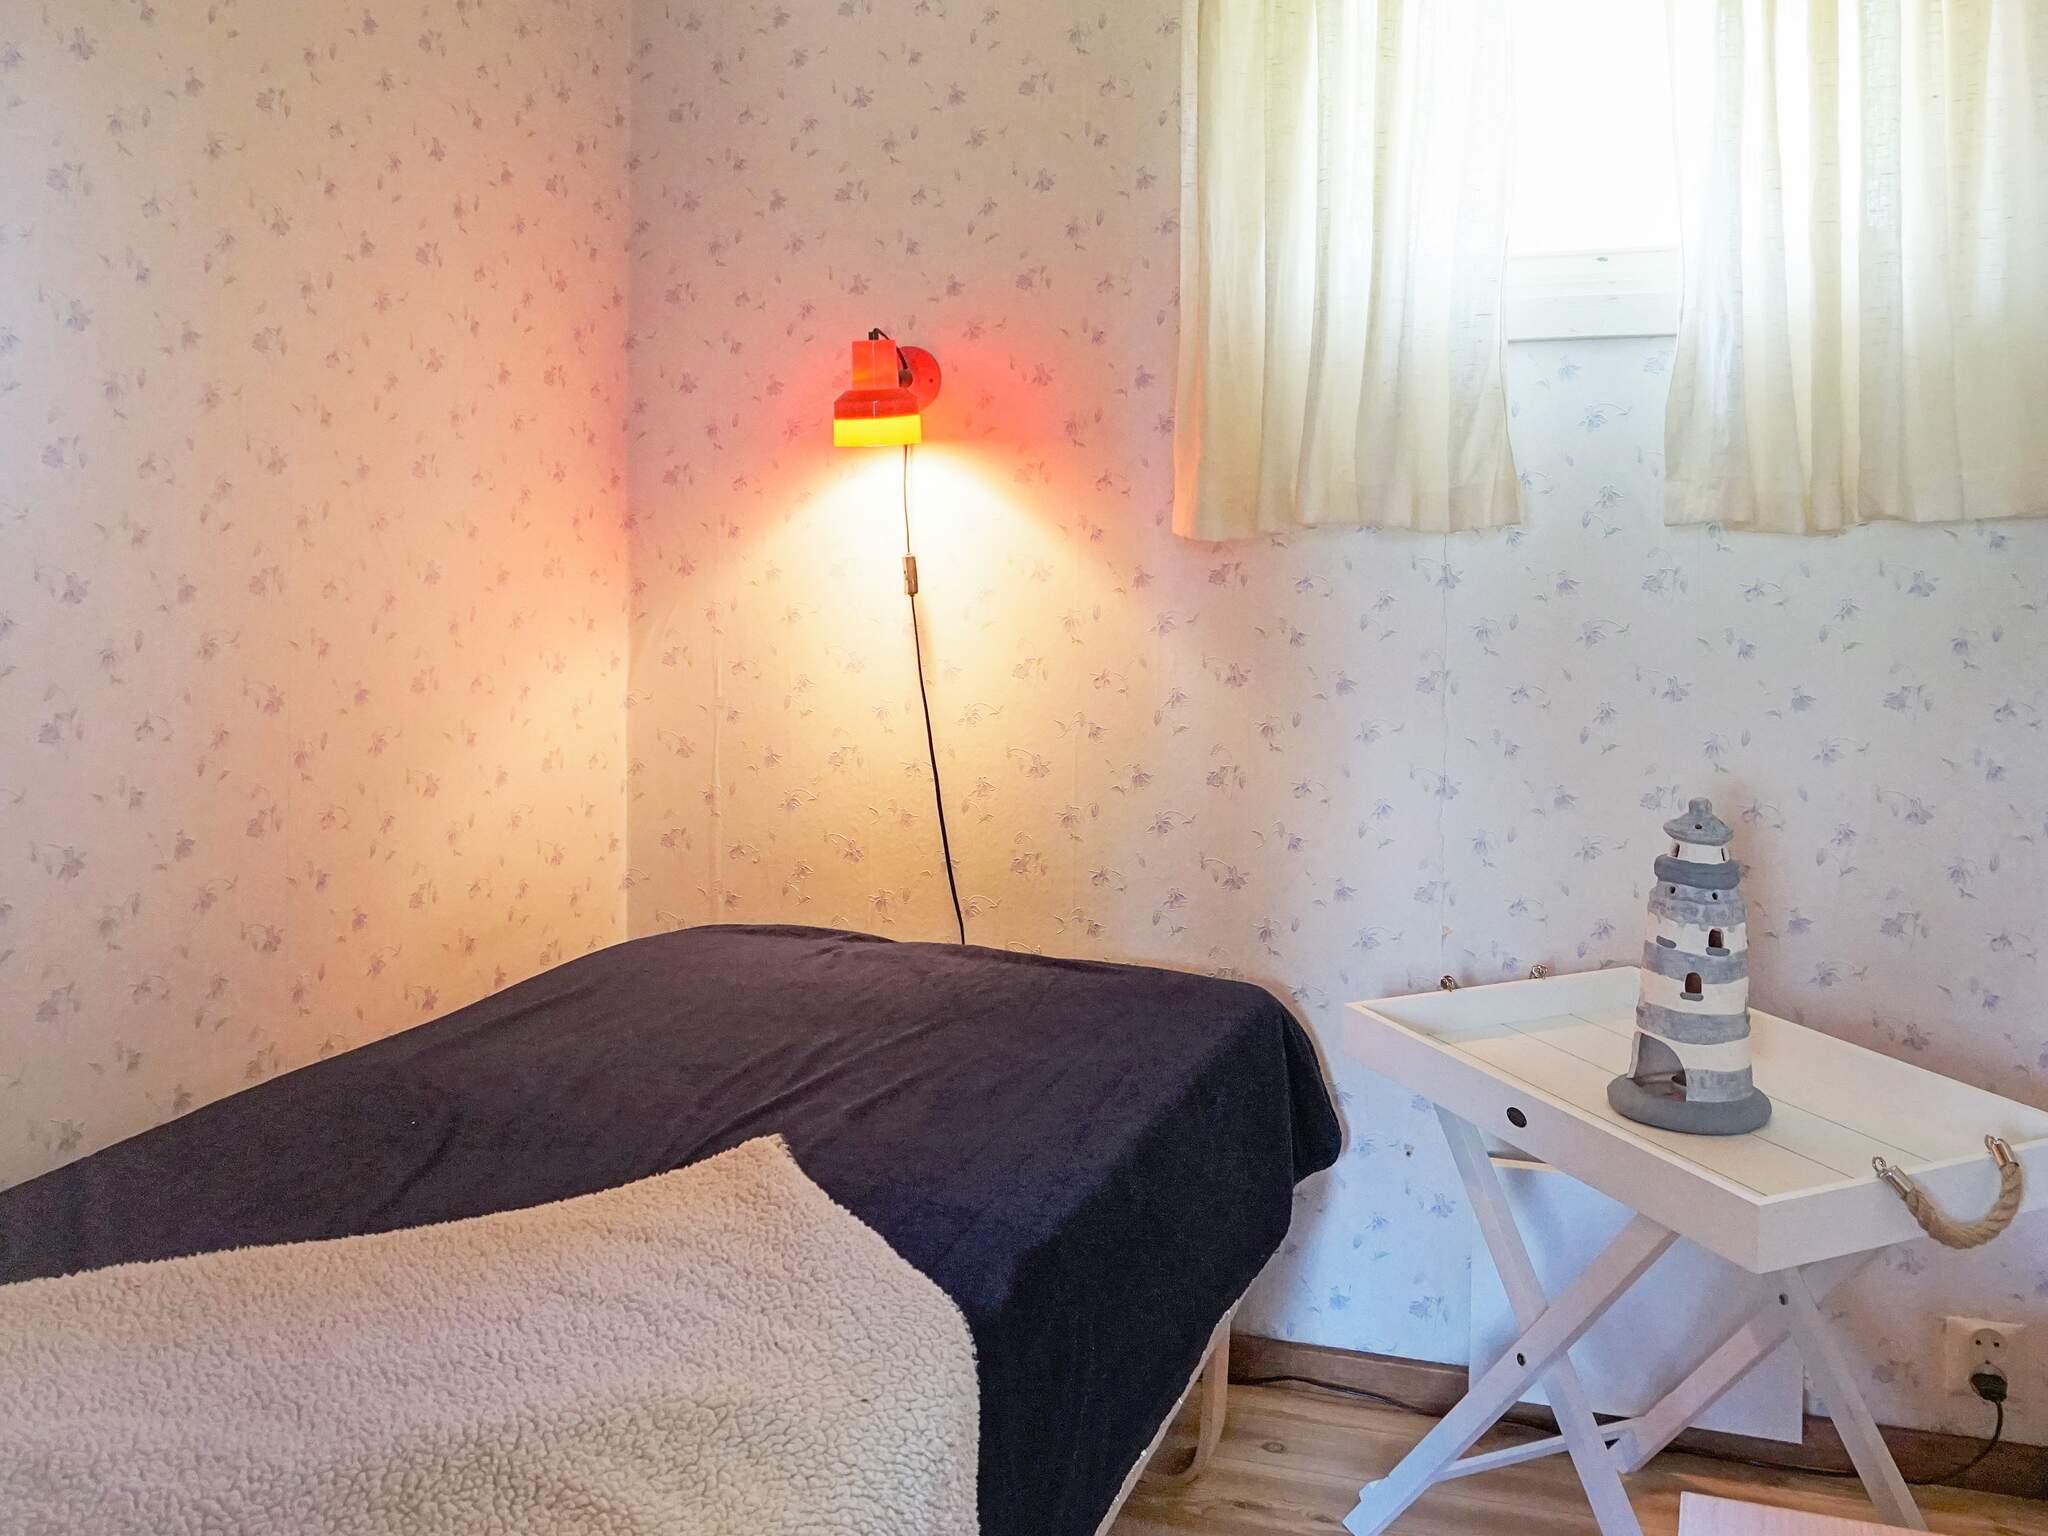 Ferienhaus Barkedal (2627959), Brastad, Västra Götaland län, Westschweden, Schweden, Bild 8